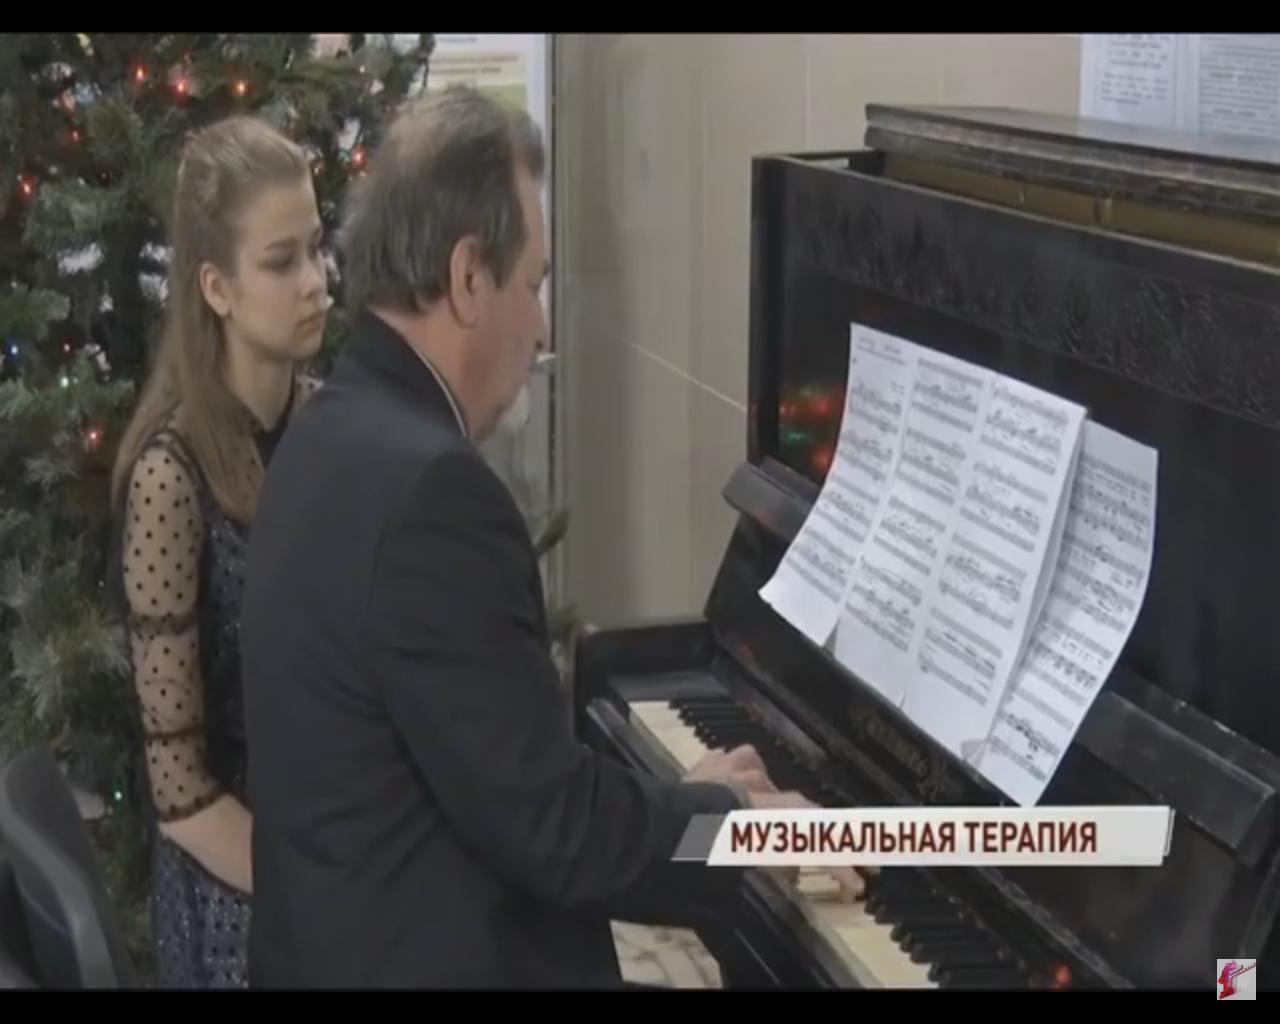 Музыкальная терапия: перед пациентами ярославской поликлиники выступили музыканты Собиновского училища